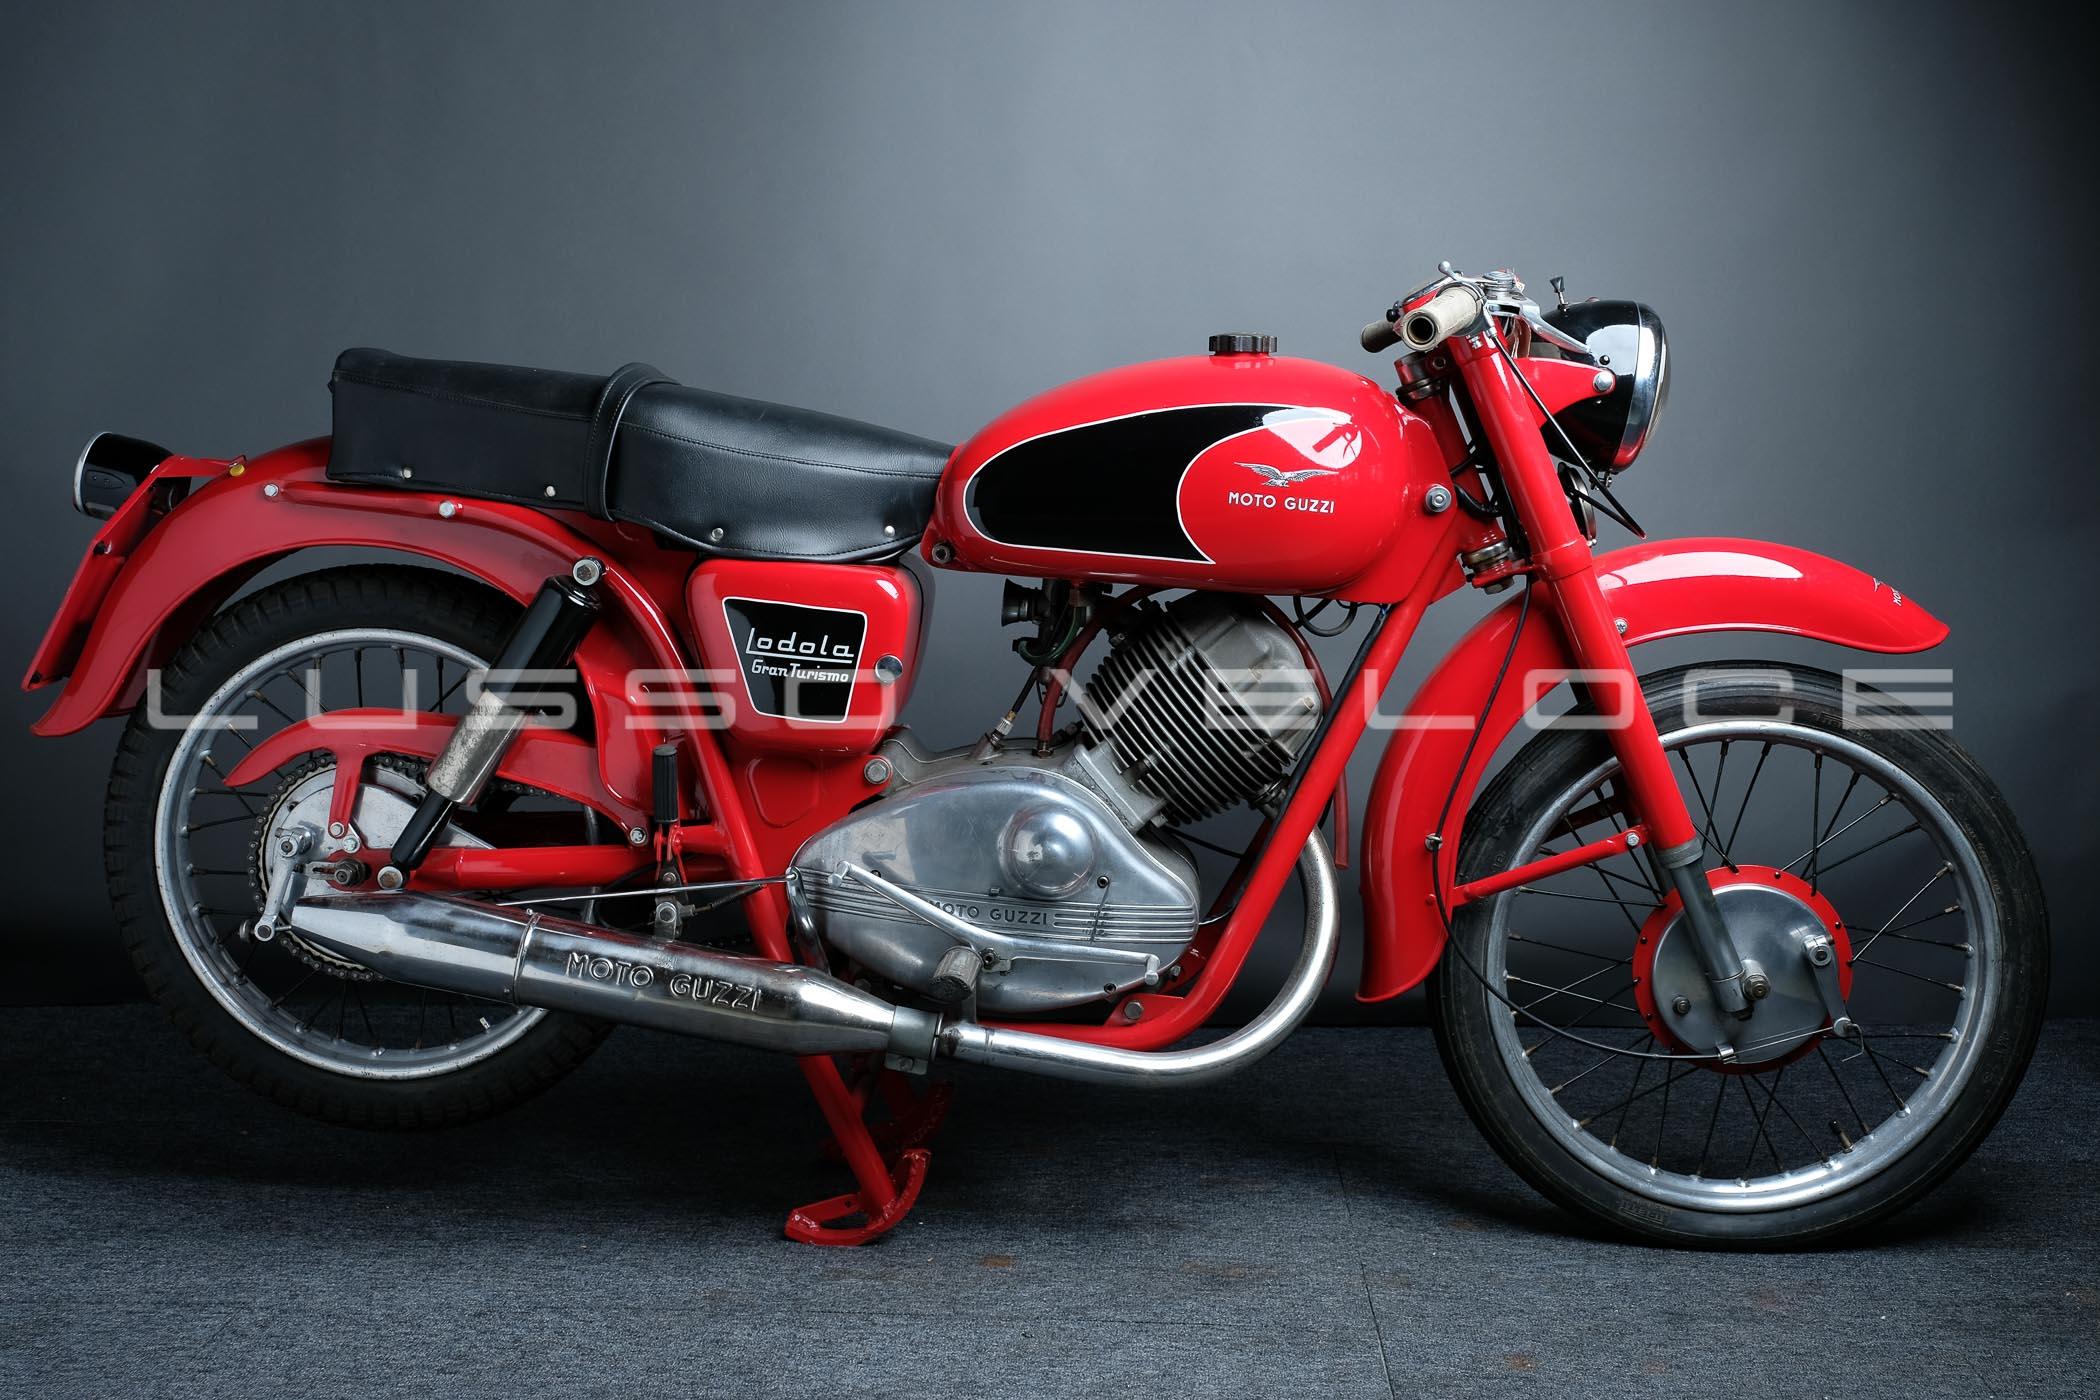 1957 Moto Guzzi 175 Lodola Sport